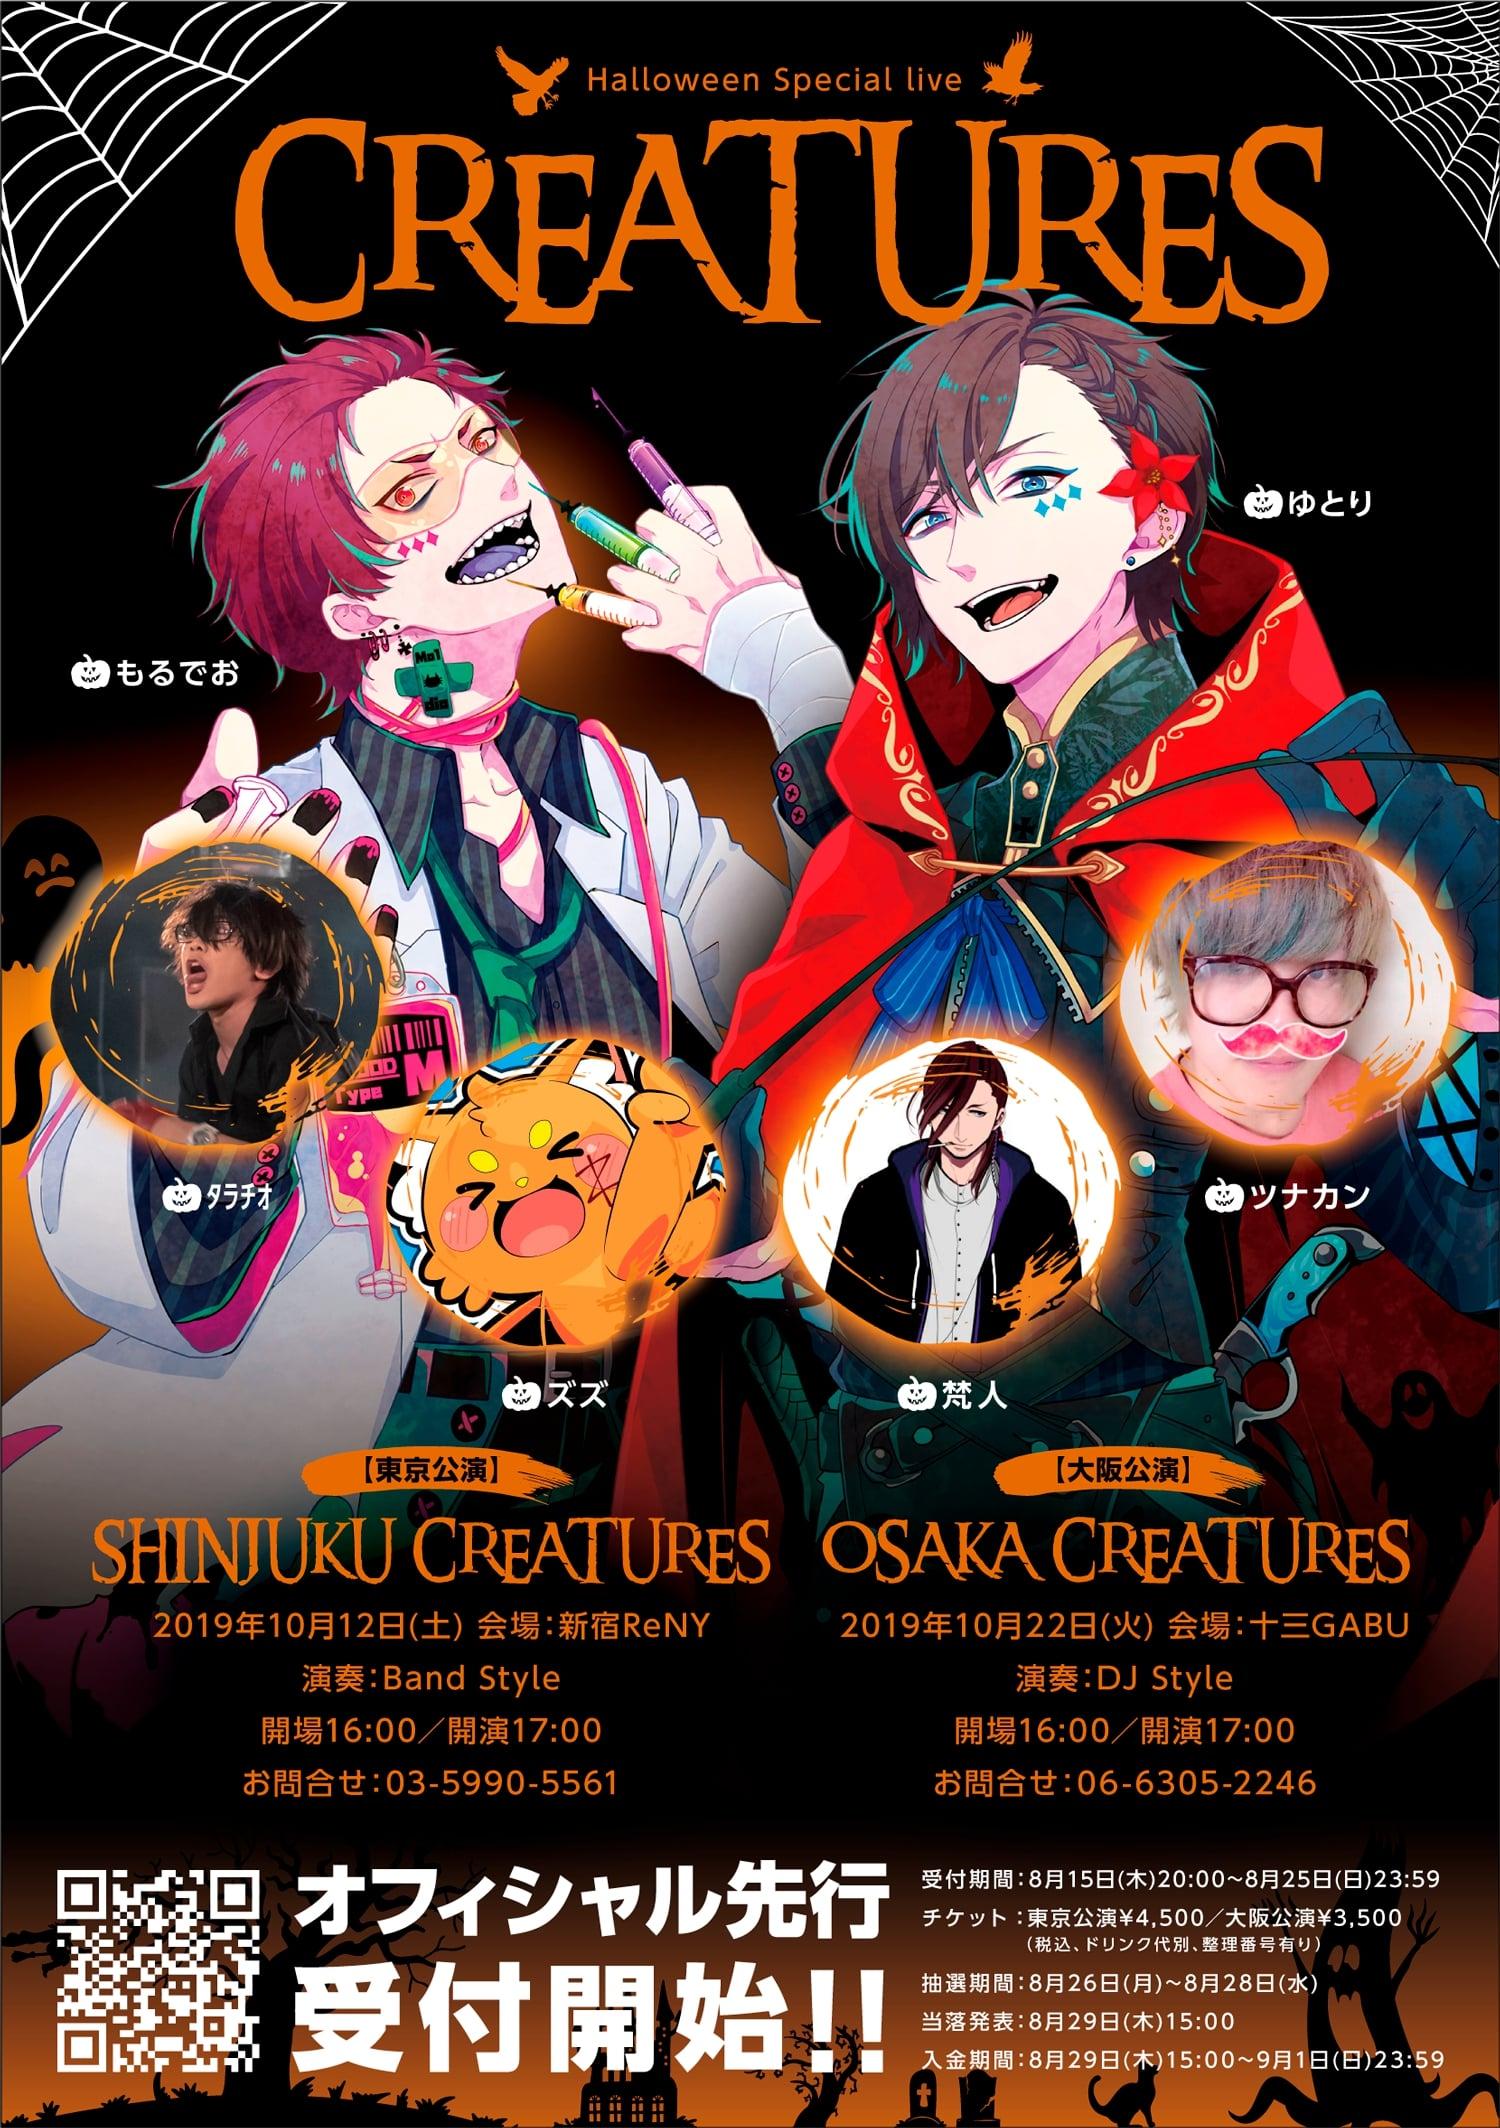 SHINJUKU CREATURES